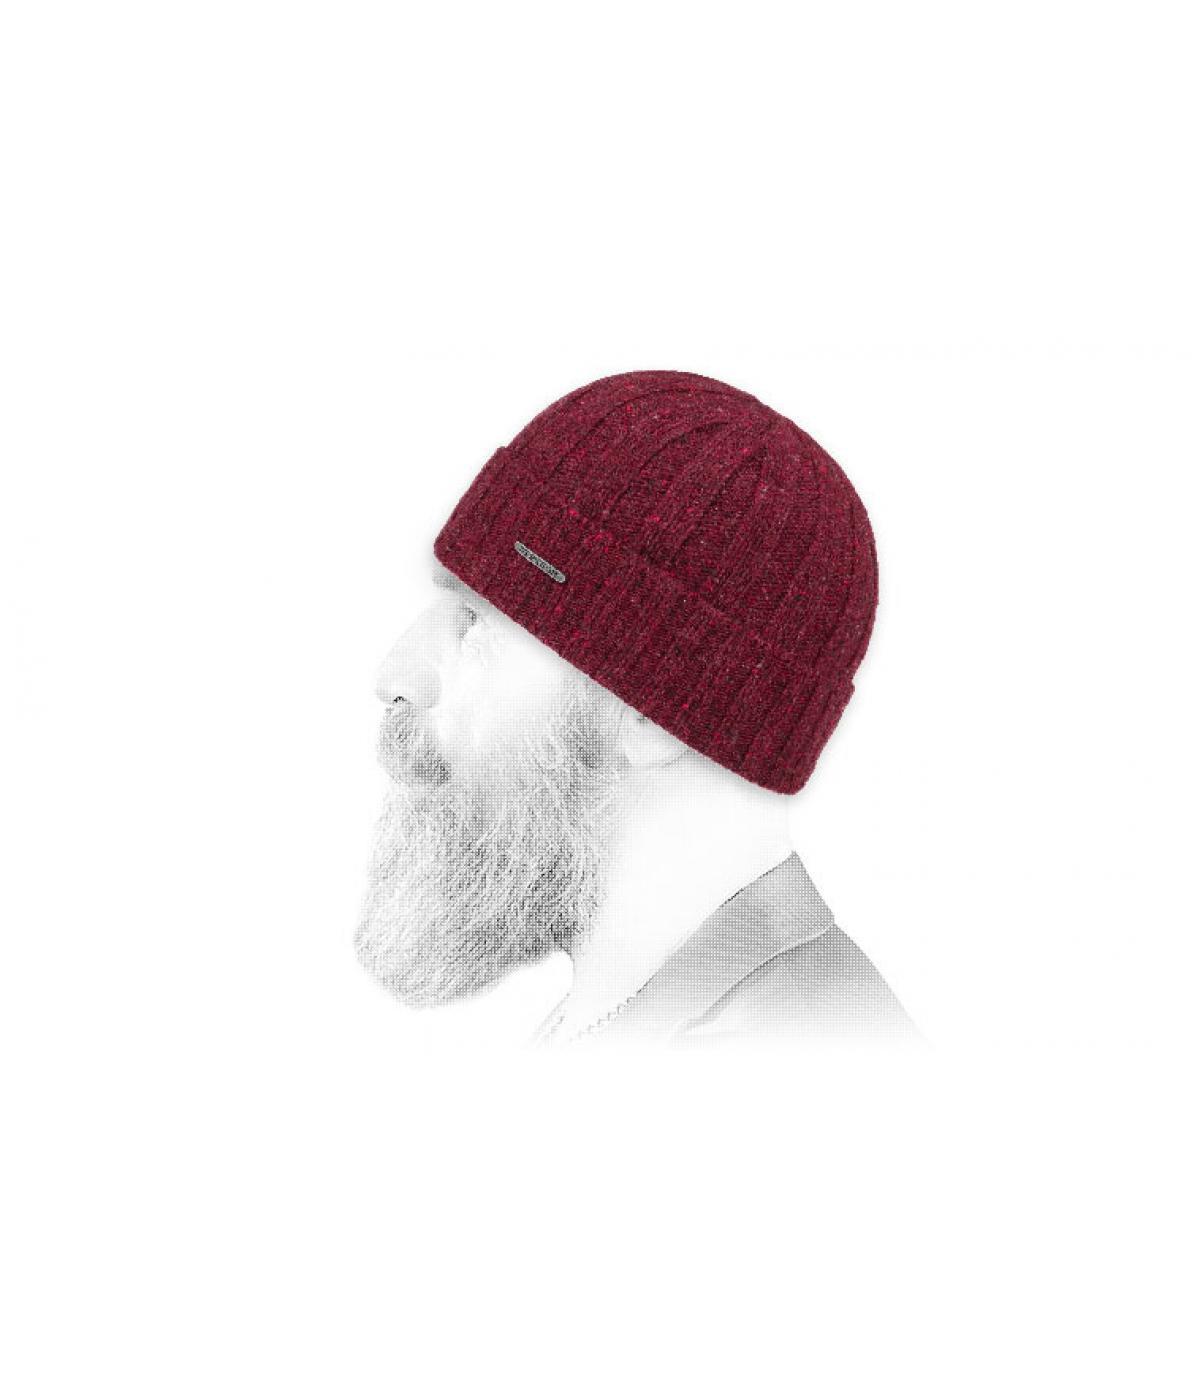 Mütze mit Rand bordeaux Wolle